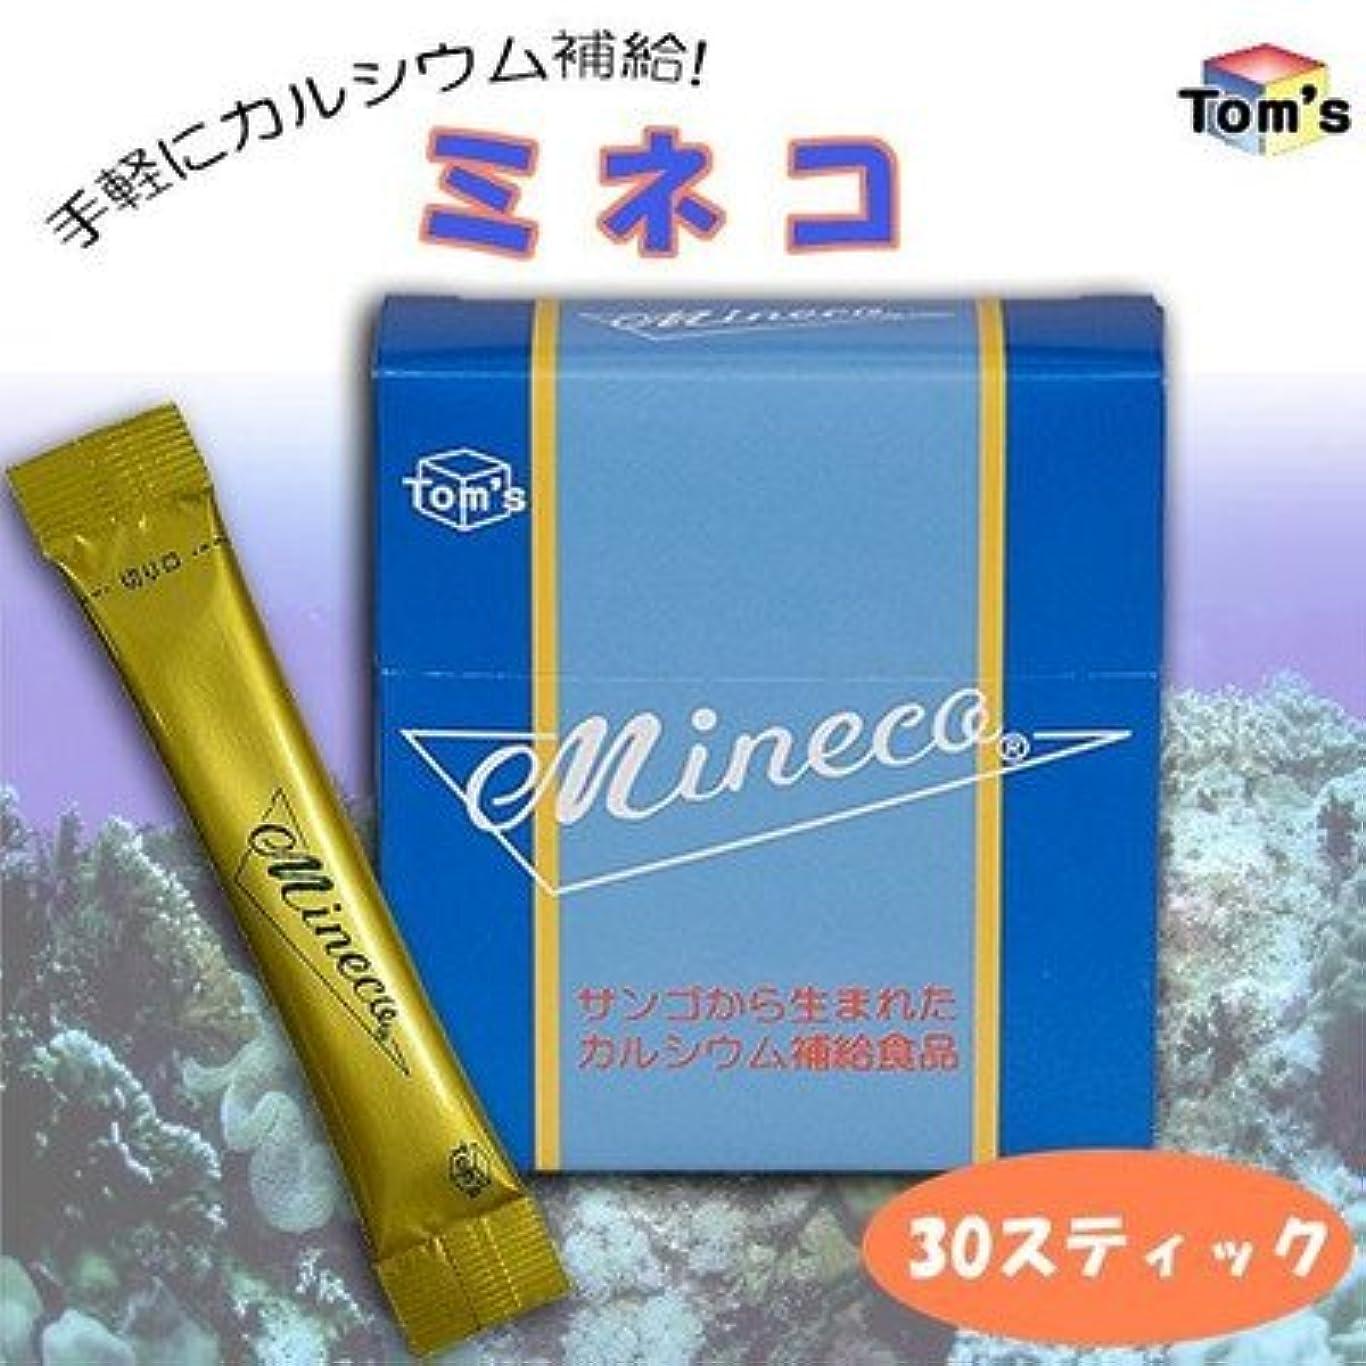 美人省リーフレット手軽にカルシウム補給 ミネコ 1箱(30スティック入)